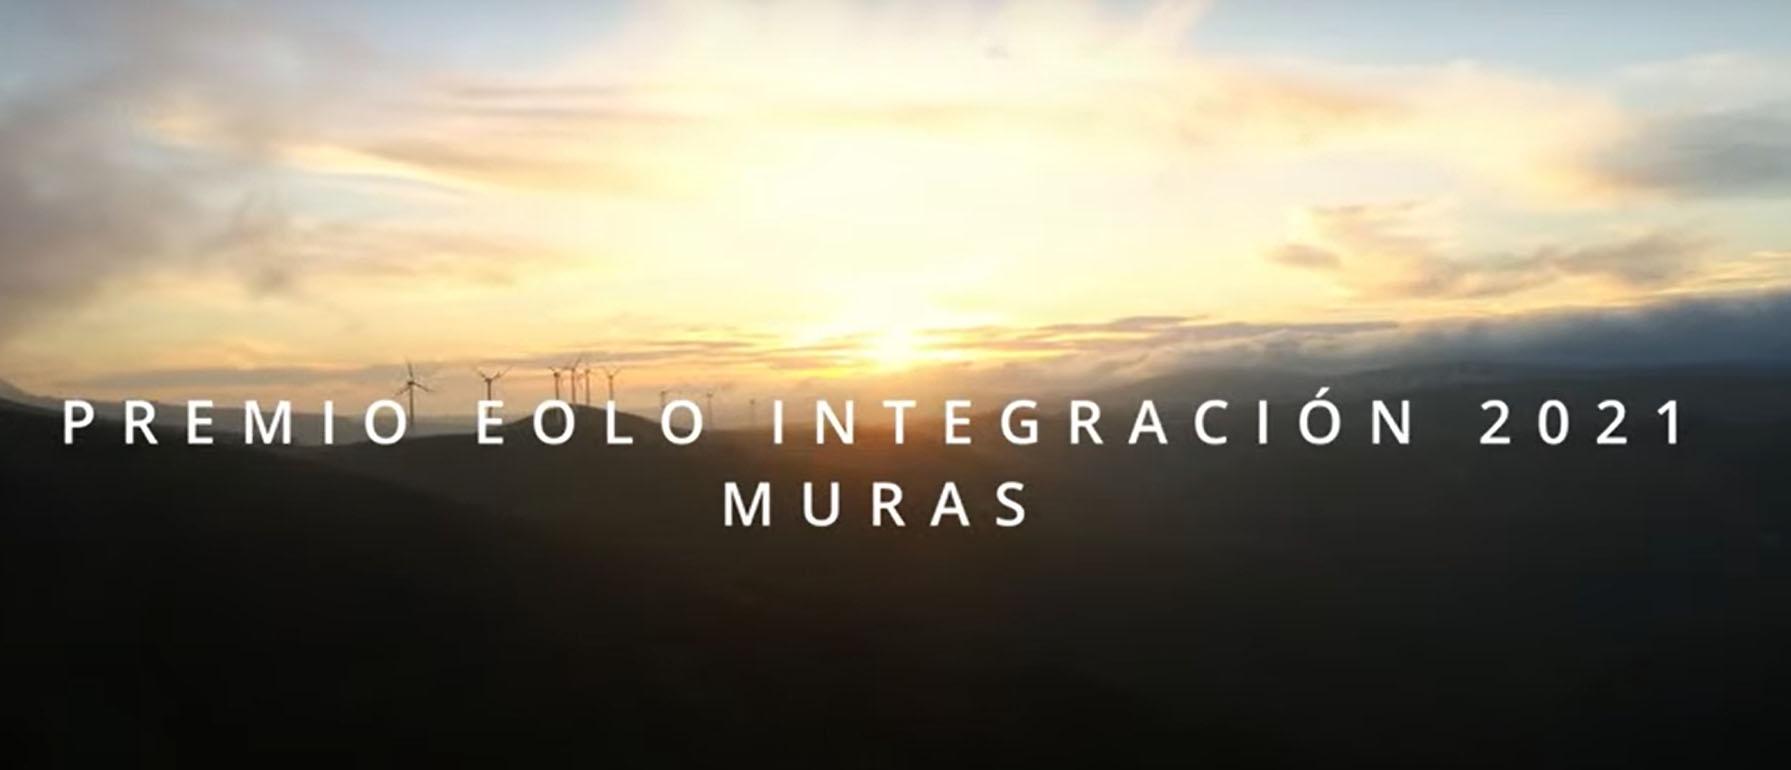 Premio EOLO 2021 Integración Rural de la Eólica para Muras